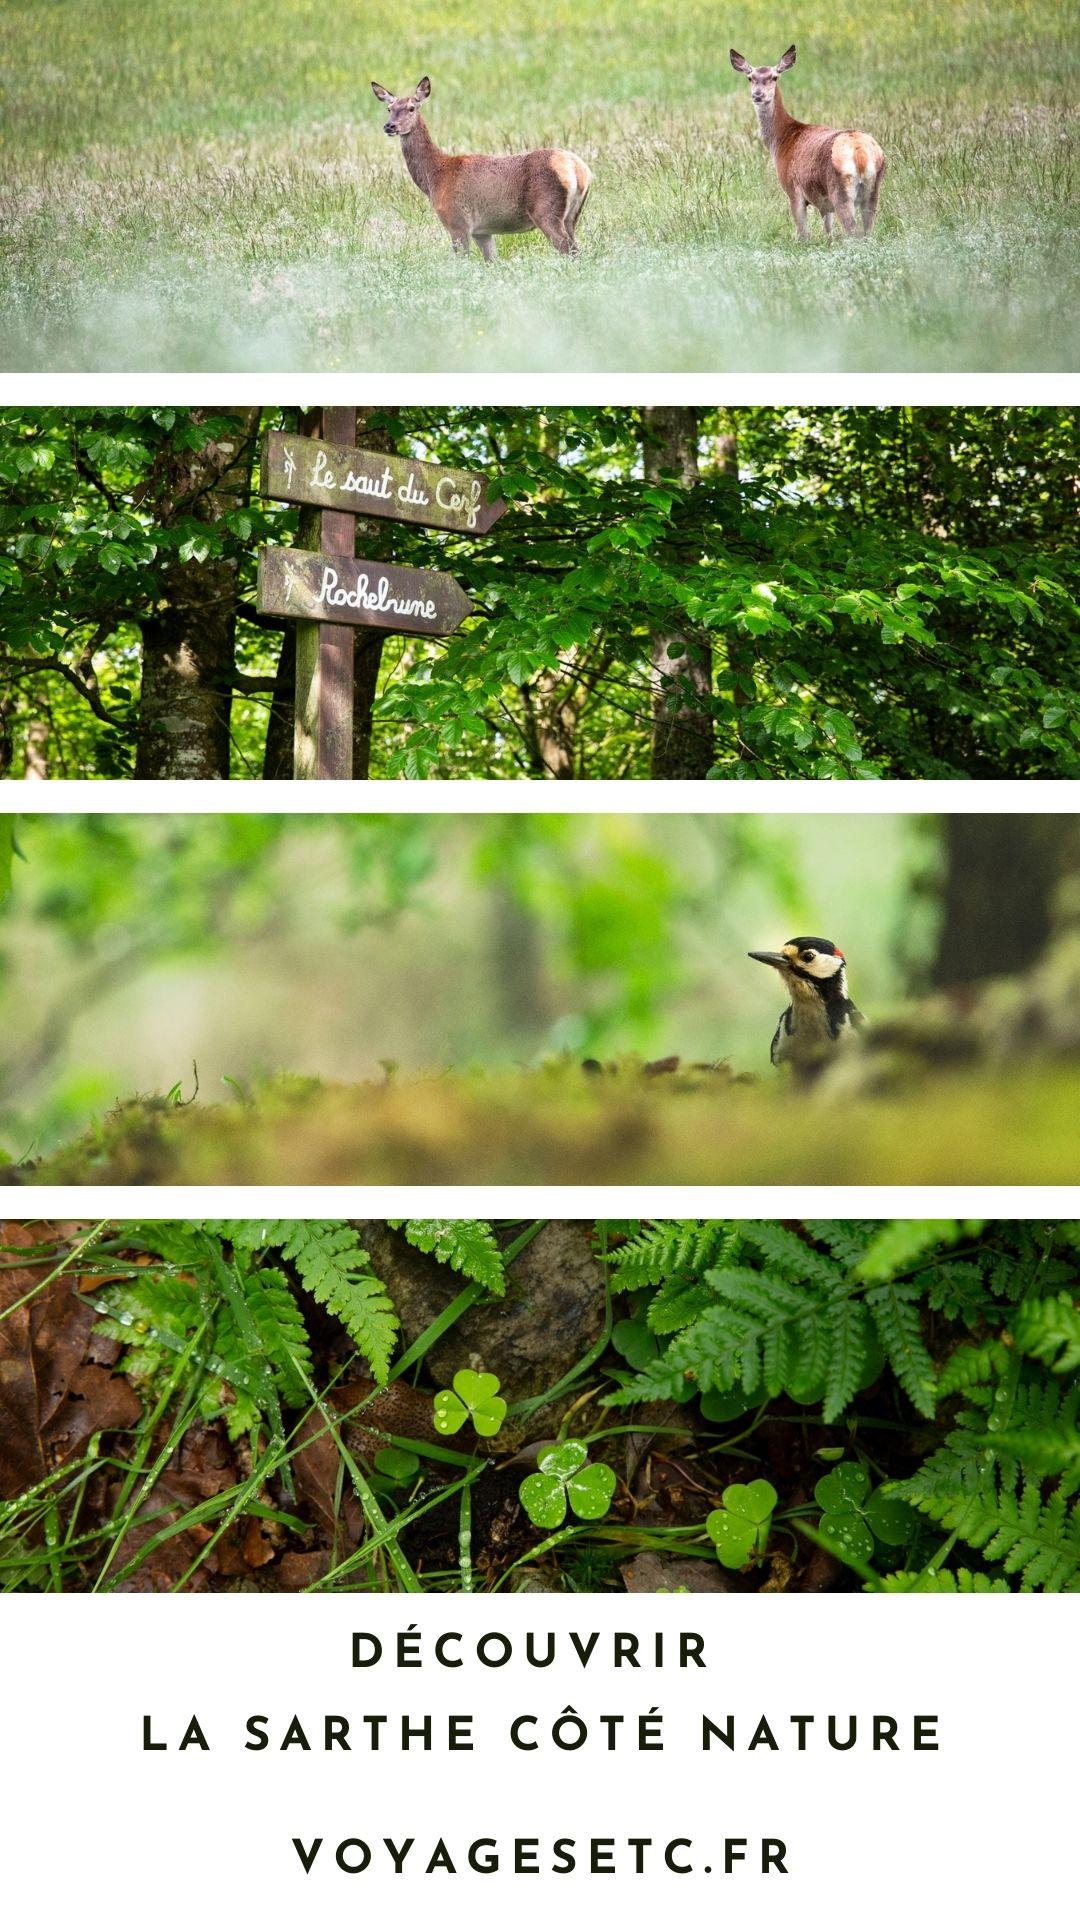 Descubra la Sarthe desde el lado natural: ¿bosque estatal de Bercé o Alpes Mancelles?